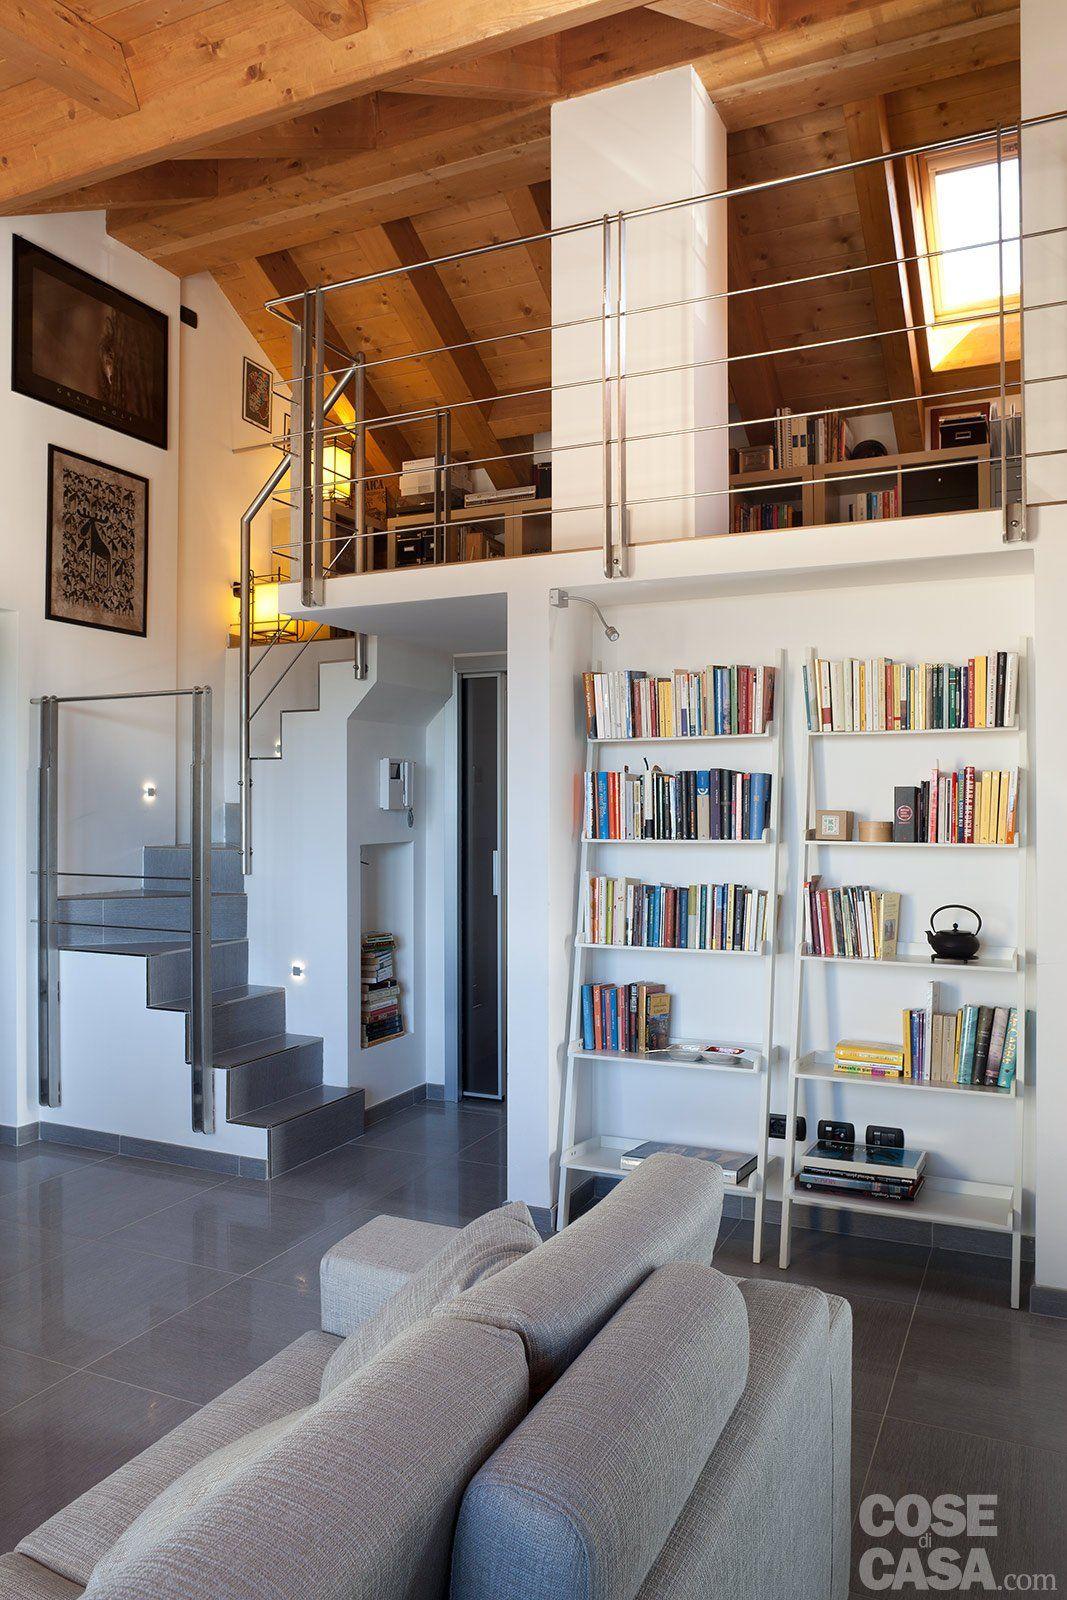 90+10 mq per una casa sottotetto che sfrutta bene gli